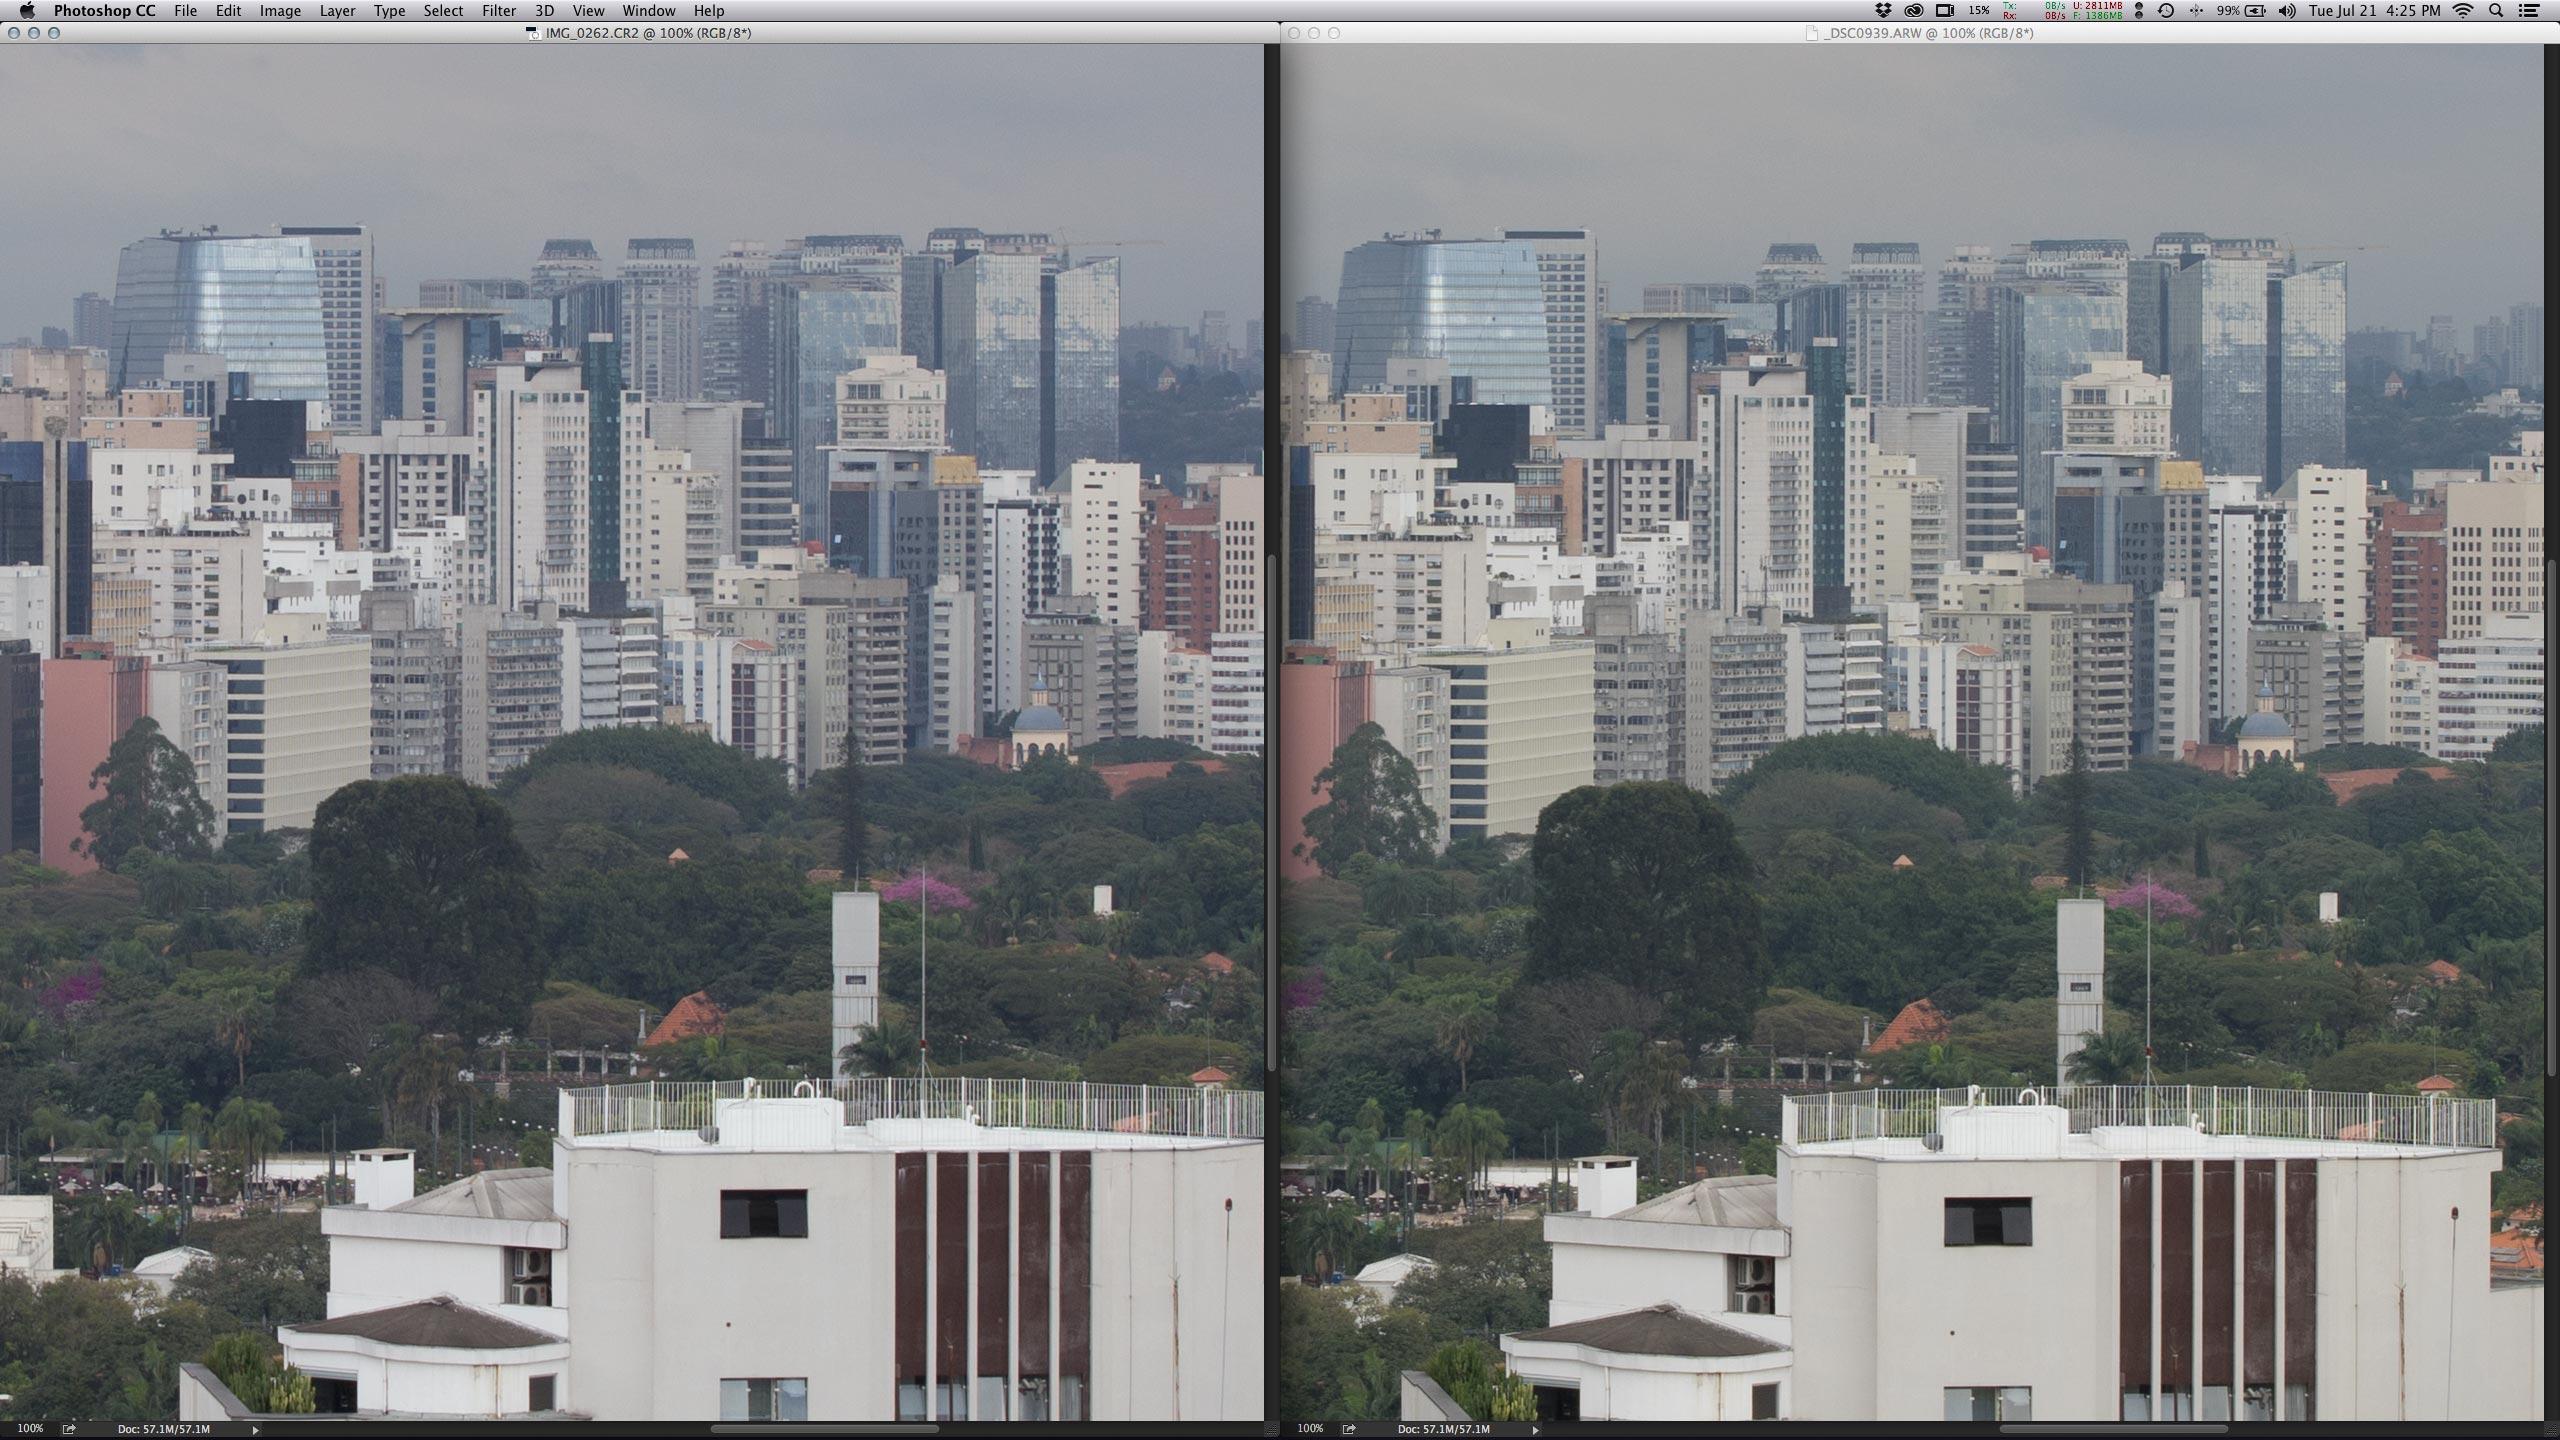 Centro - Arquivos idênticos, parece que foram repetidos lado a lado.